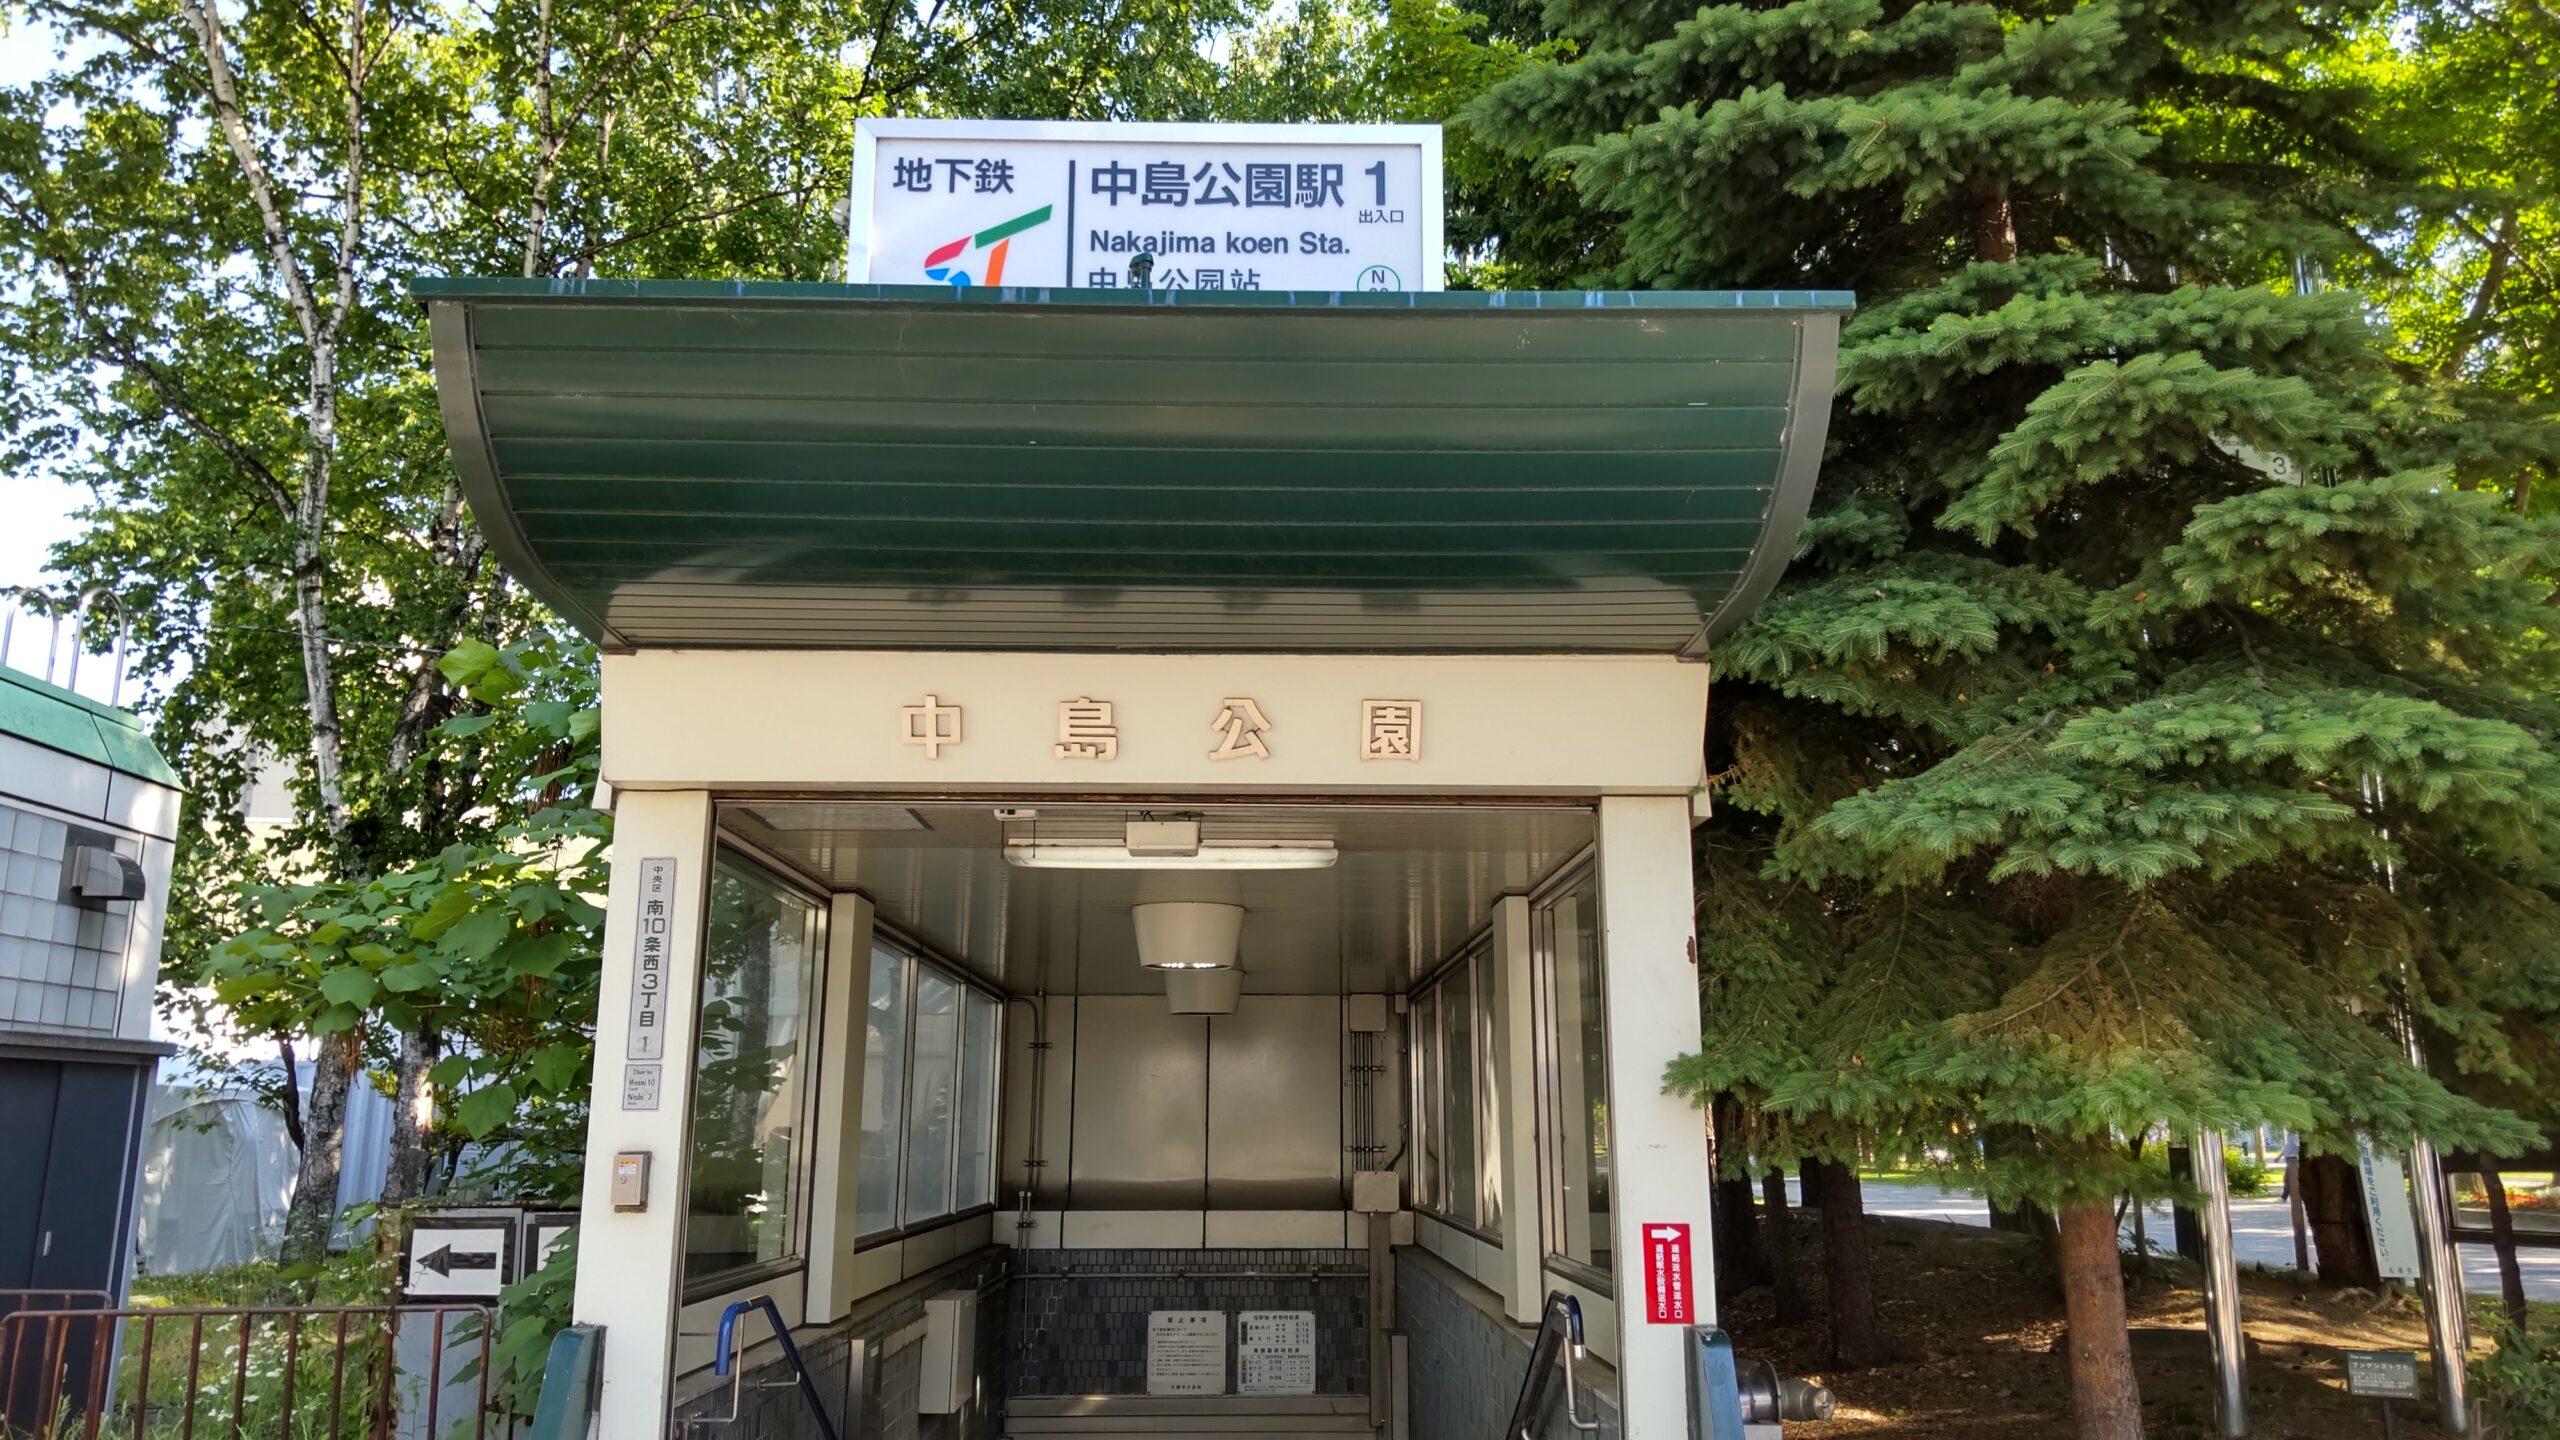 札幌市営地下鉄南北線「中島公園駅」